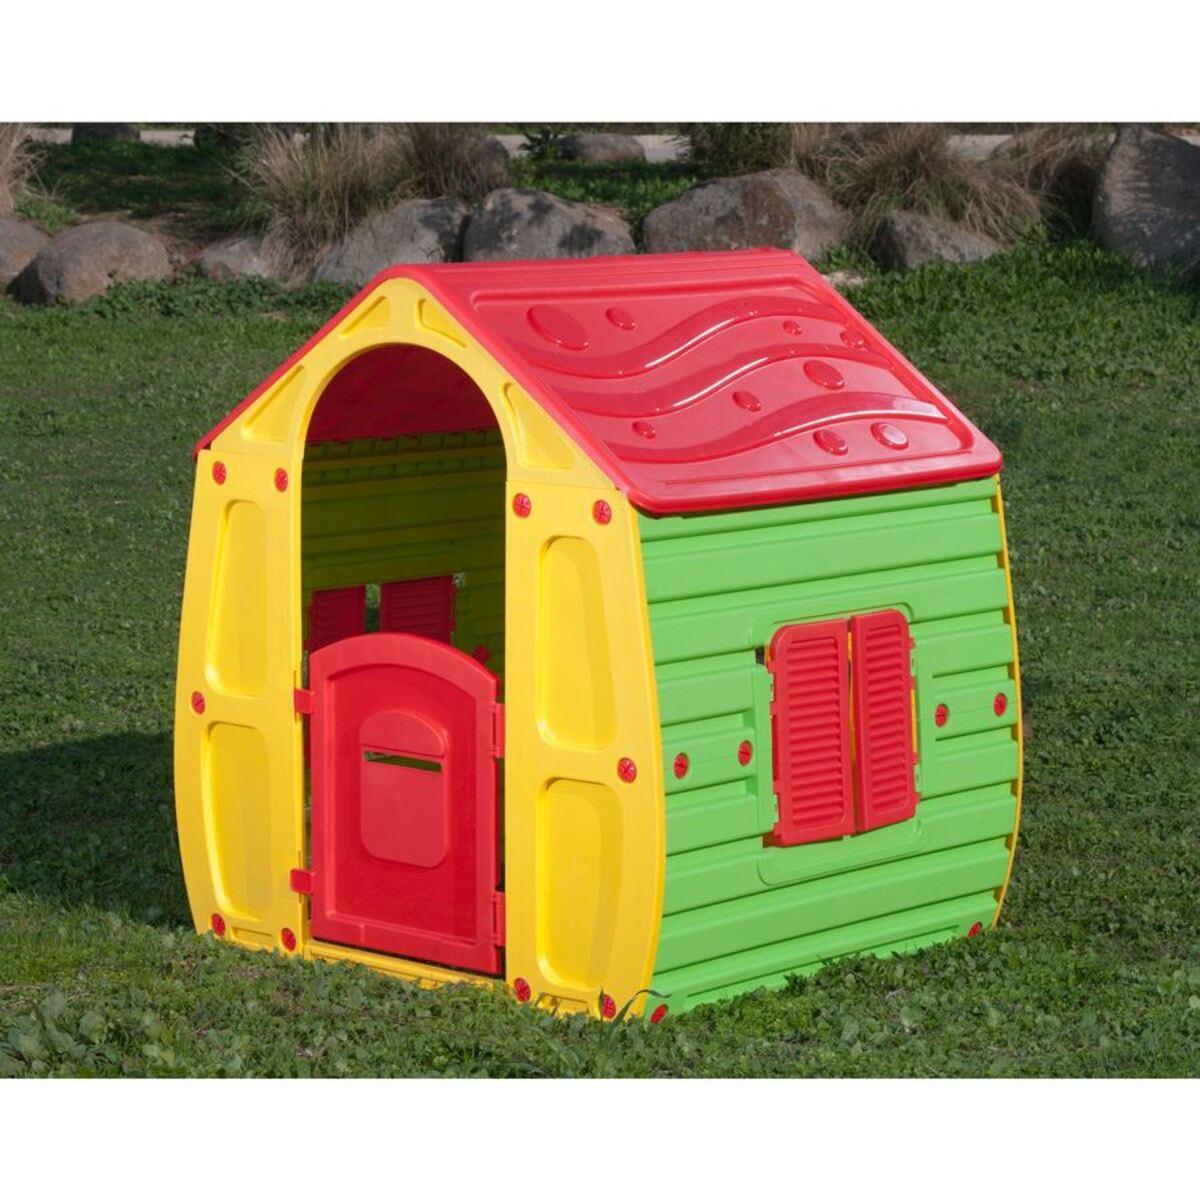 Bild 2 von Magical Kinder-Spielhaus